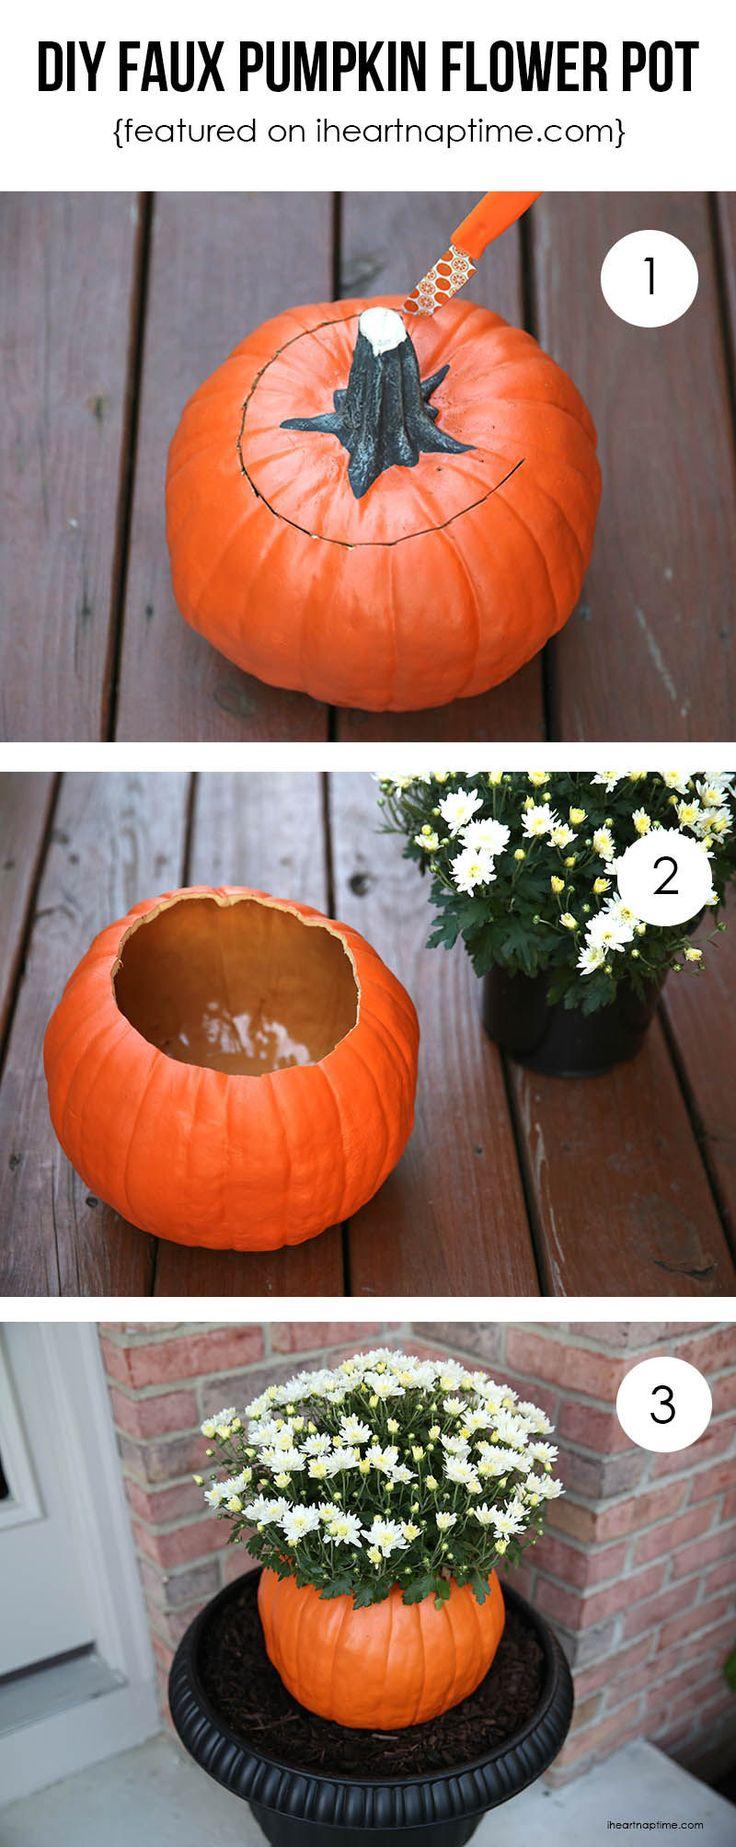 Faux Pumpkin Flower Pot